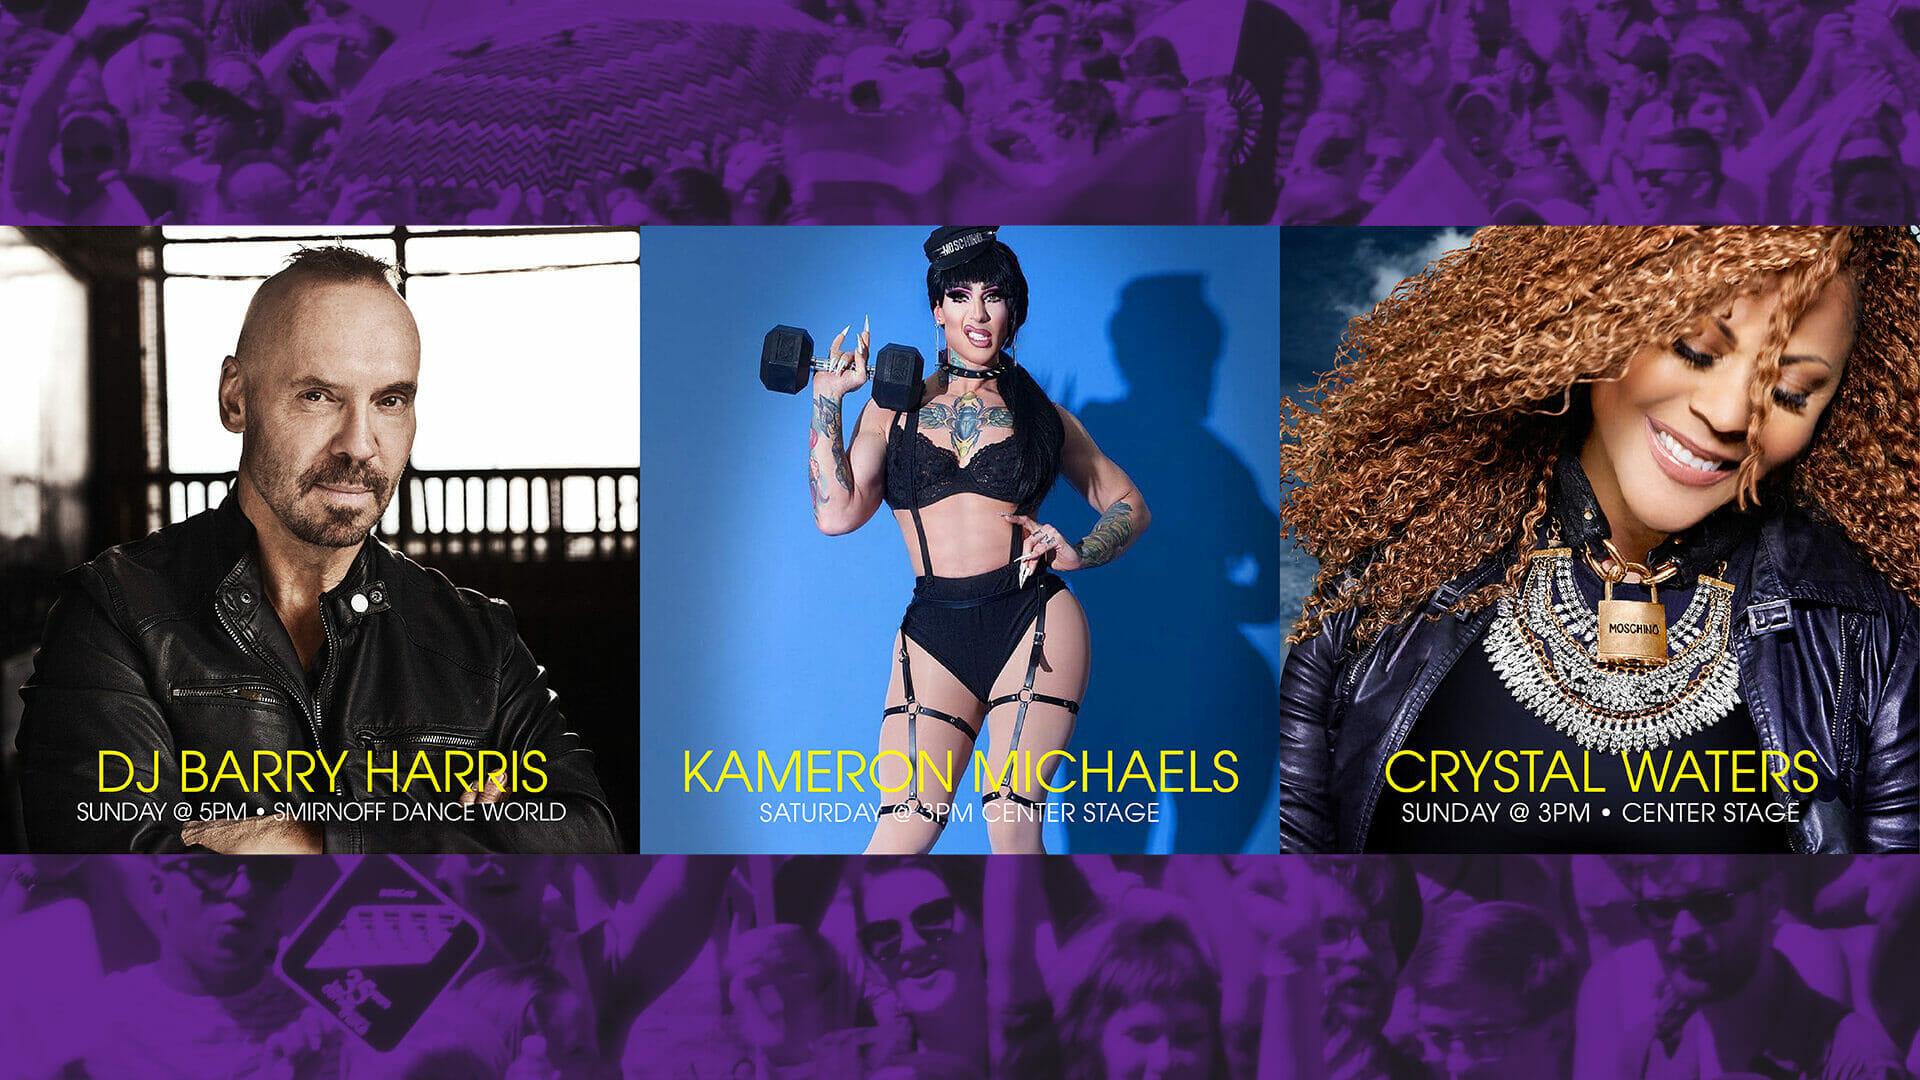 Crystal Waters, DJ Barry Harris, & Kameron Michaels Coming